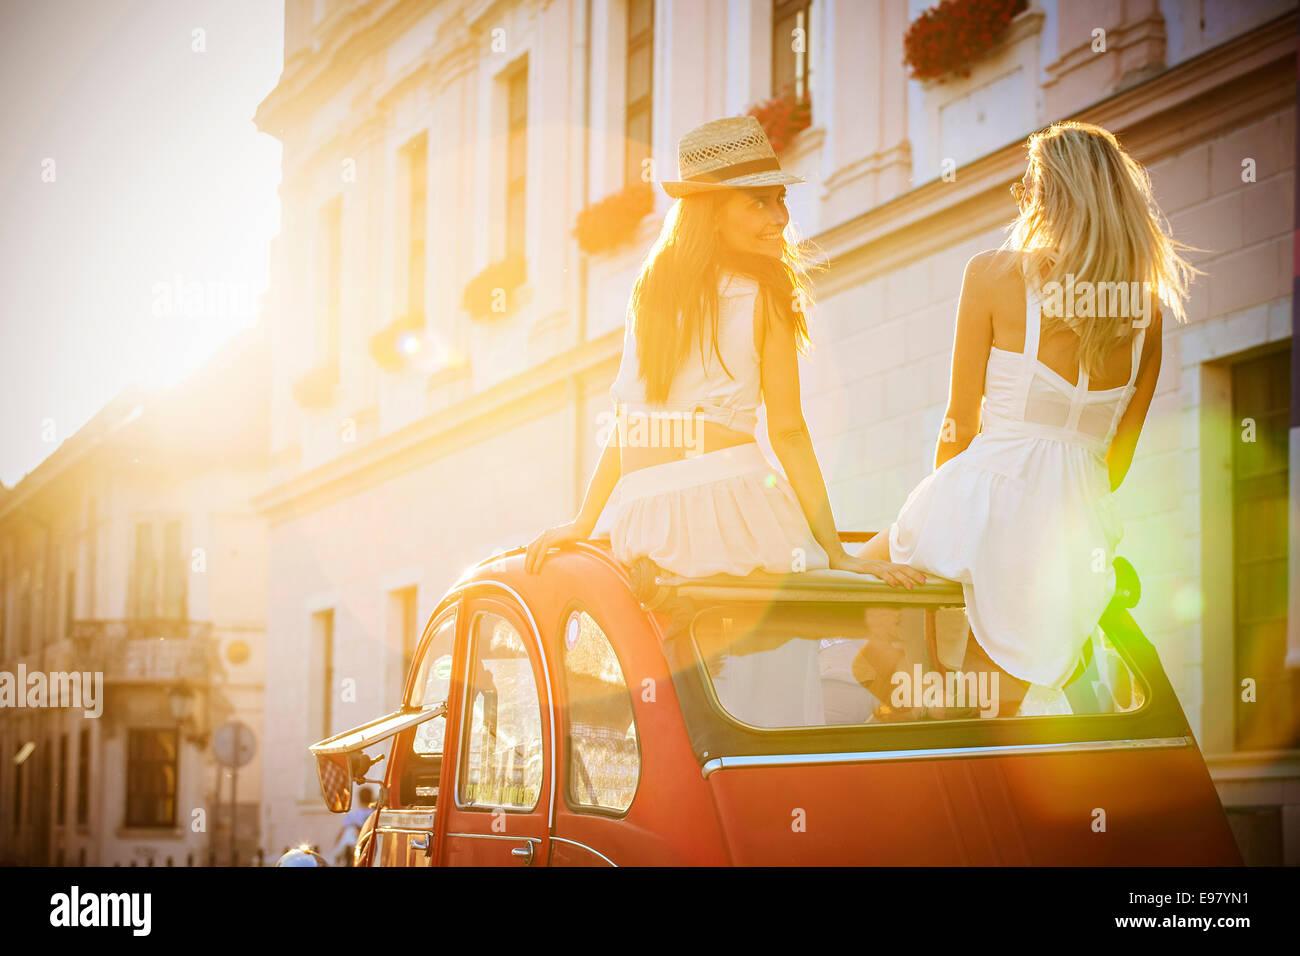 Los jóvenes de la ciudad a través de la conducción de coches antiguos Imagen De Stock